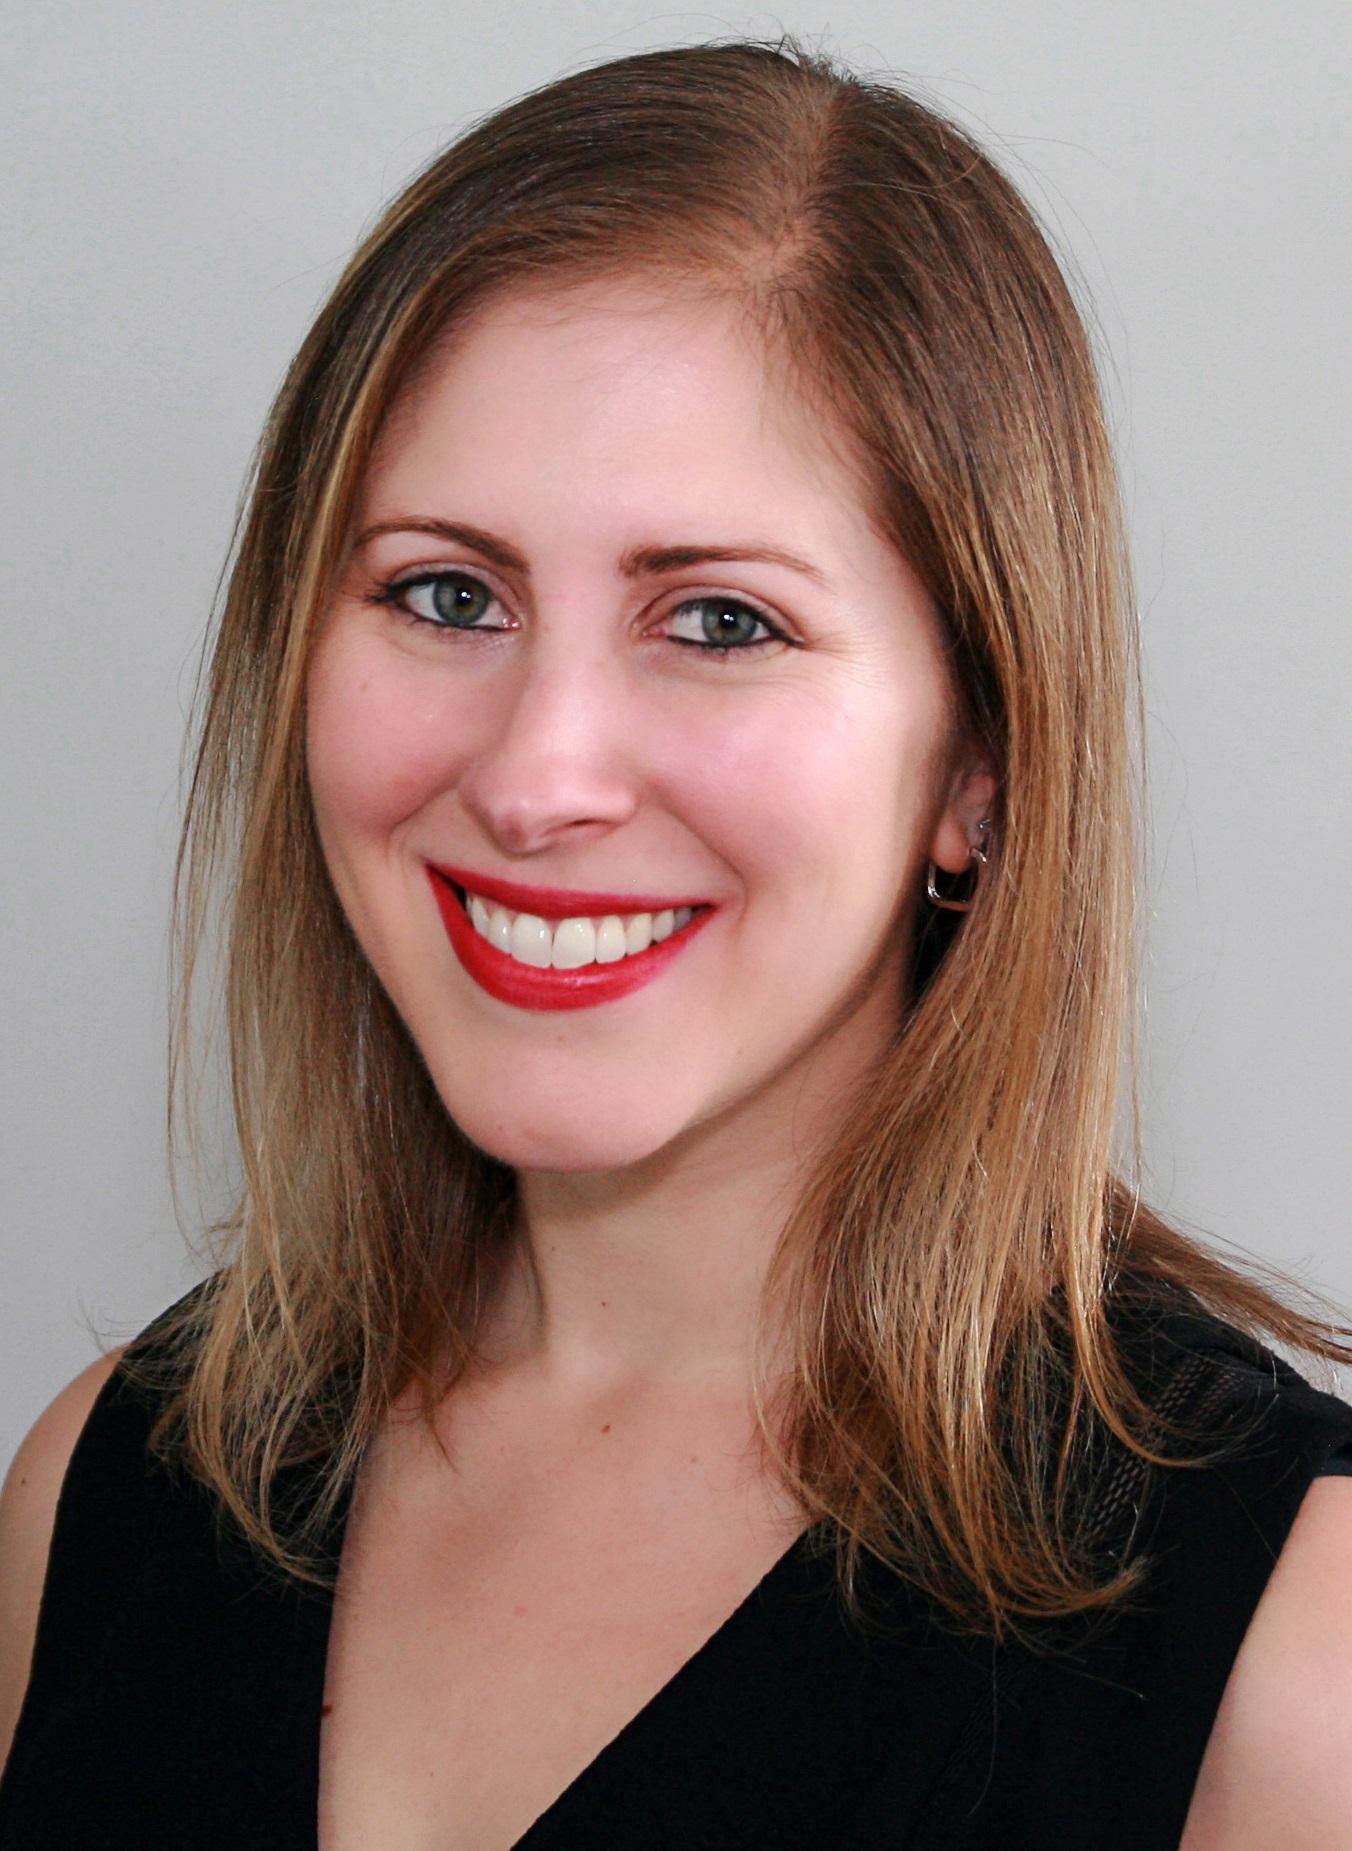 Alison Sternburg ('12)